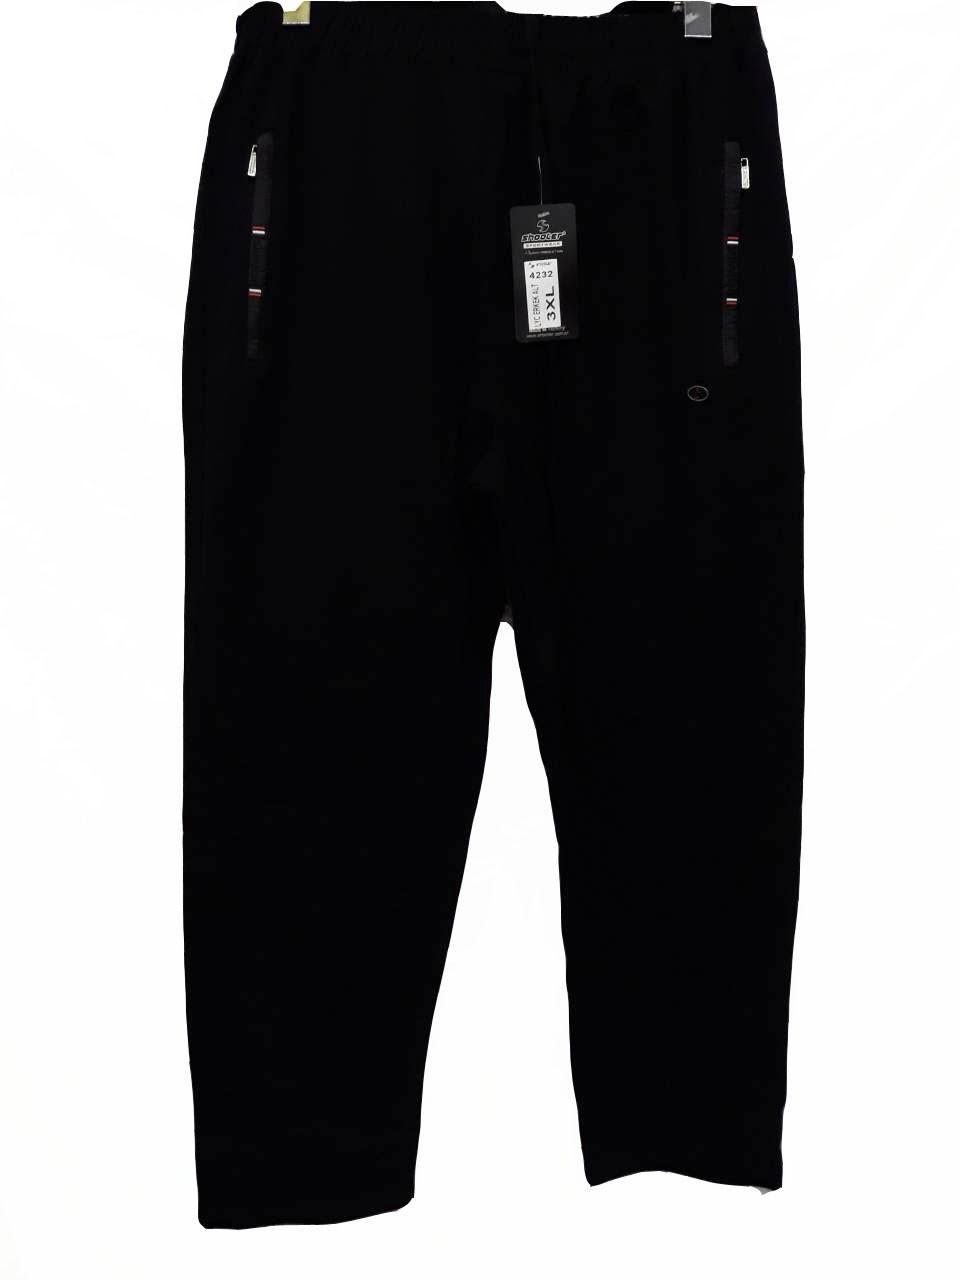 Штани чоловічі трикотажні Shooter модель 4232 чорні спортивні штани Шутер турецького виробництва